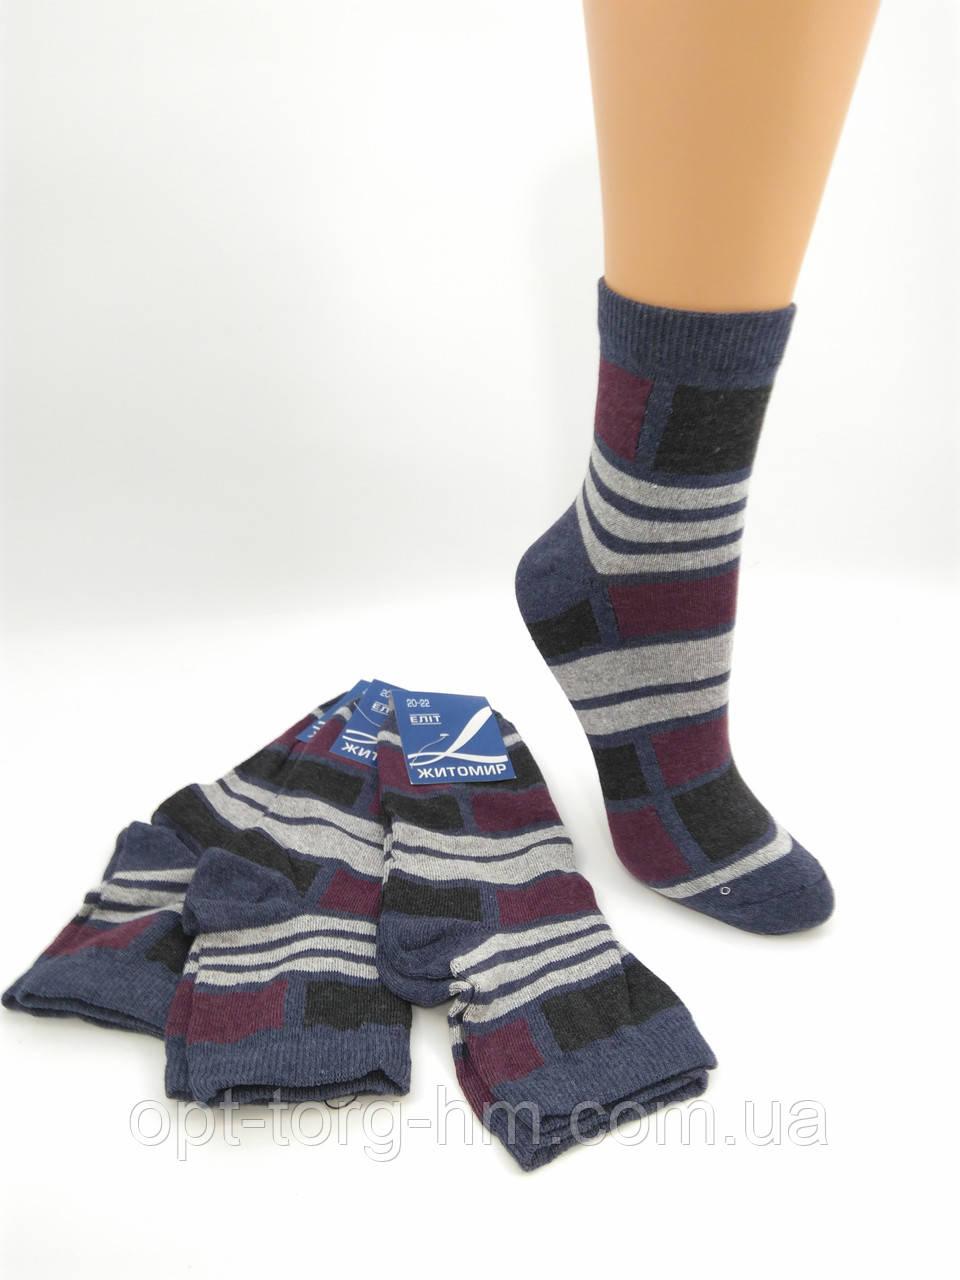 Подростковые носки 20-22 (32-36)